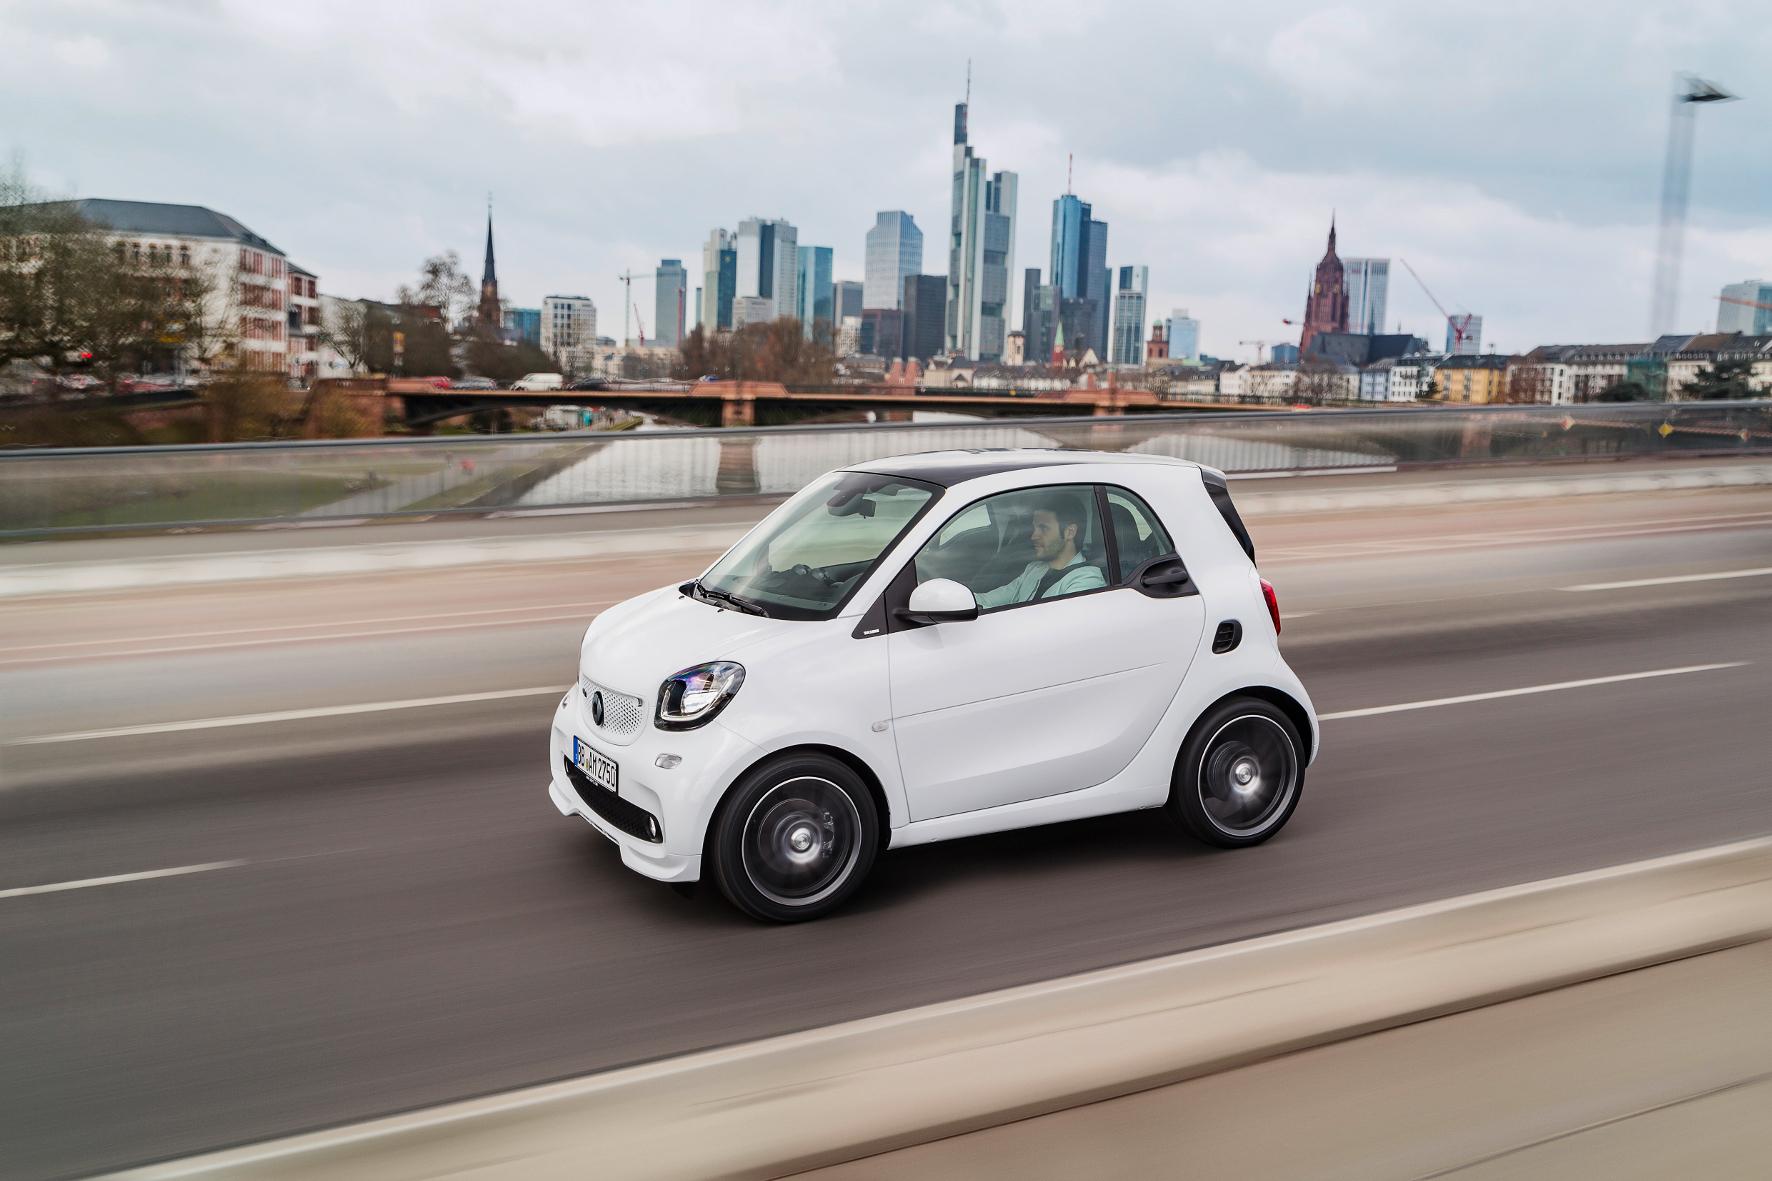 mid Groß-Gerau - Brabus schickt den Smart jetzt in einer besonders sportlichen und üppig ausgestatteten Variante ins Rennen.